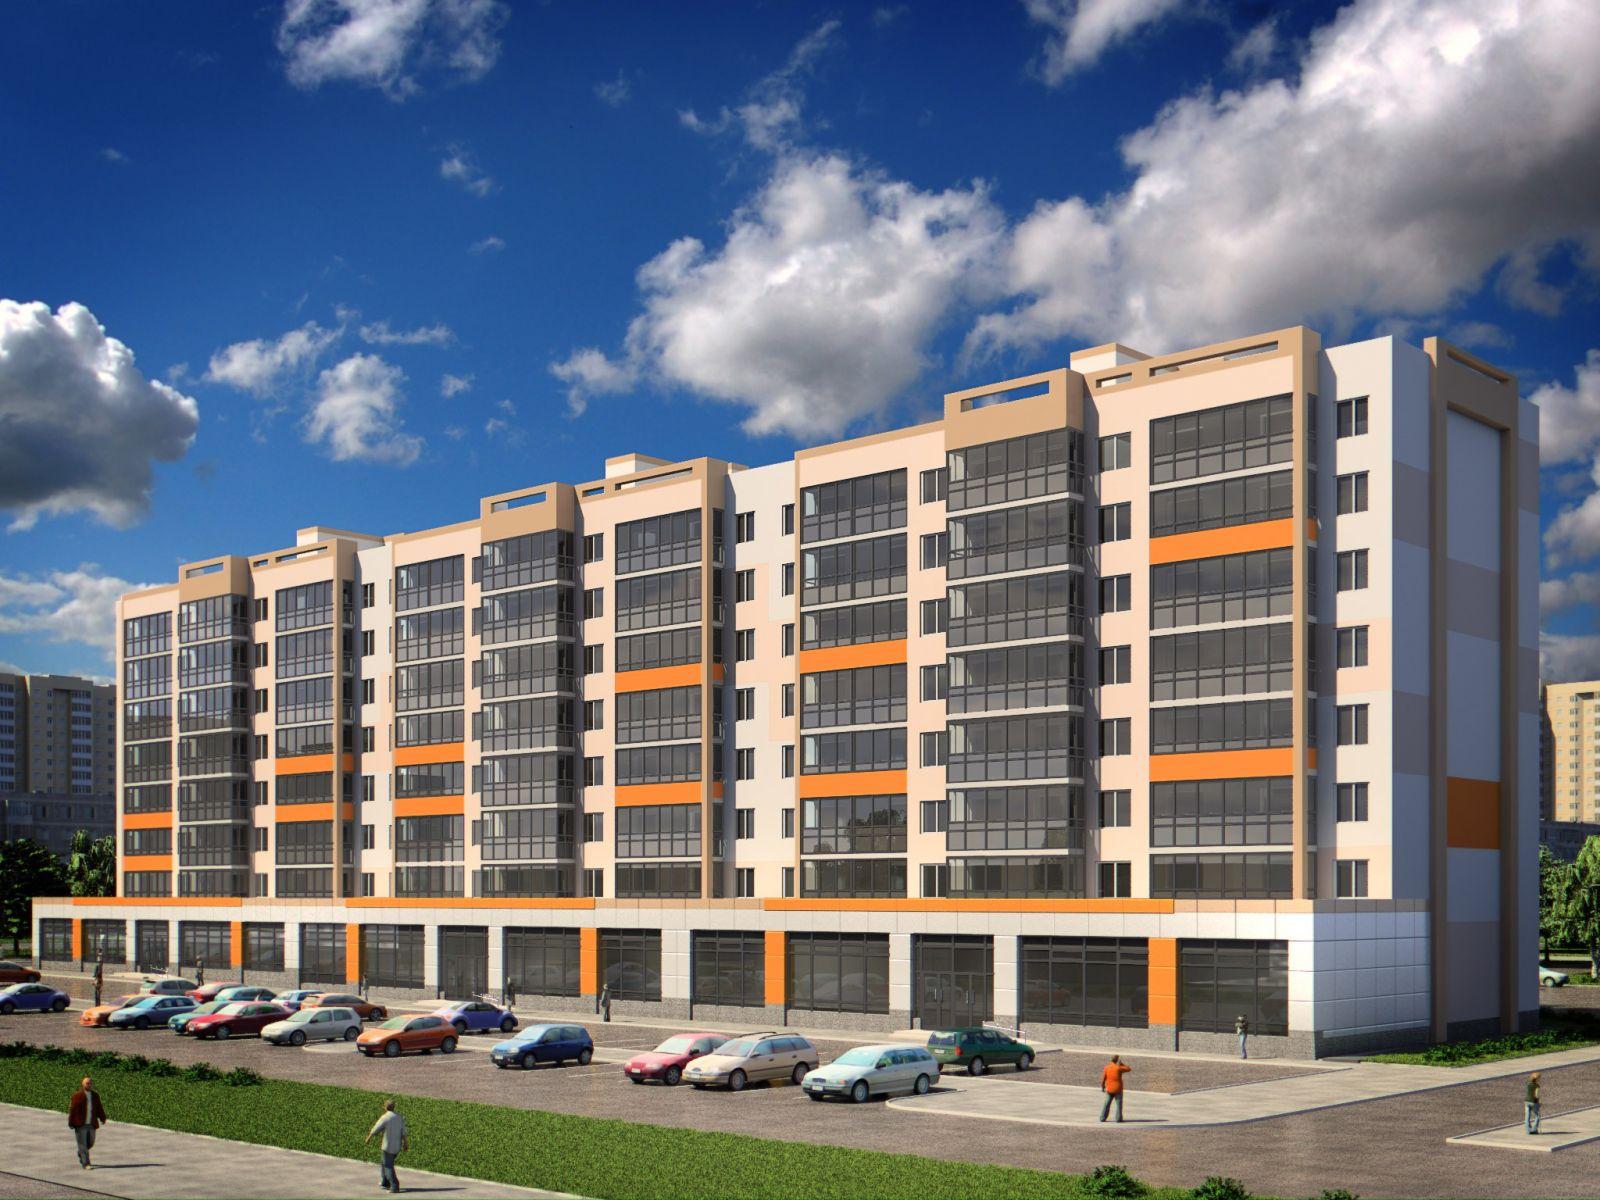 В Подмосковье могут запретить строить многоэтажки без нежилого первого этажа